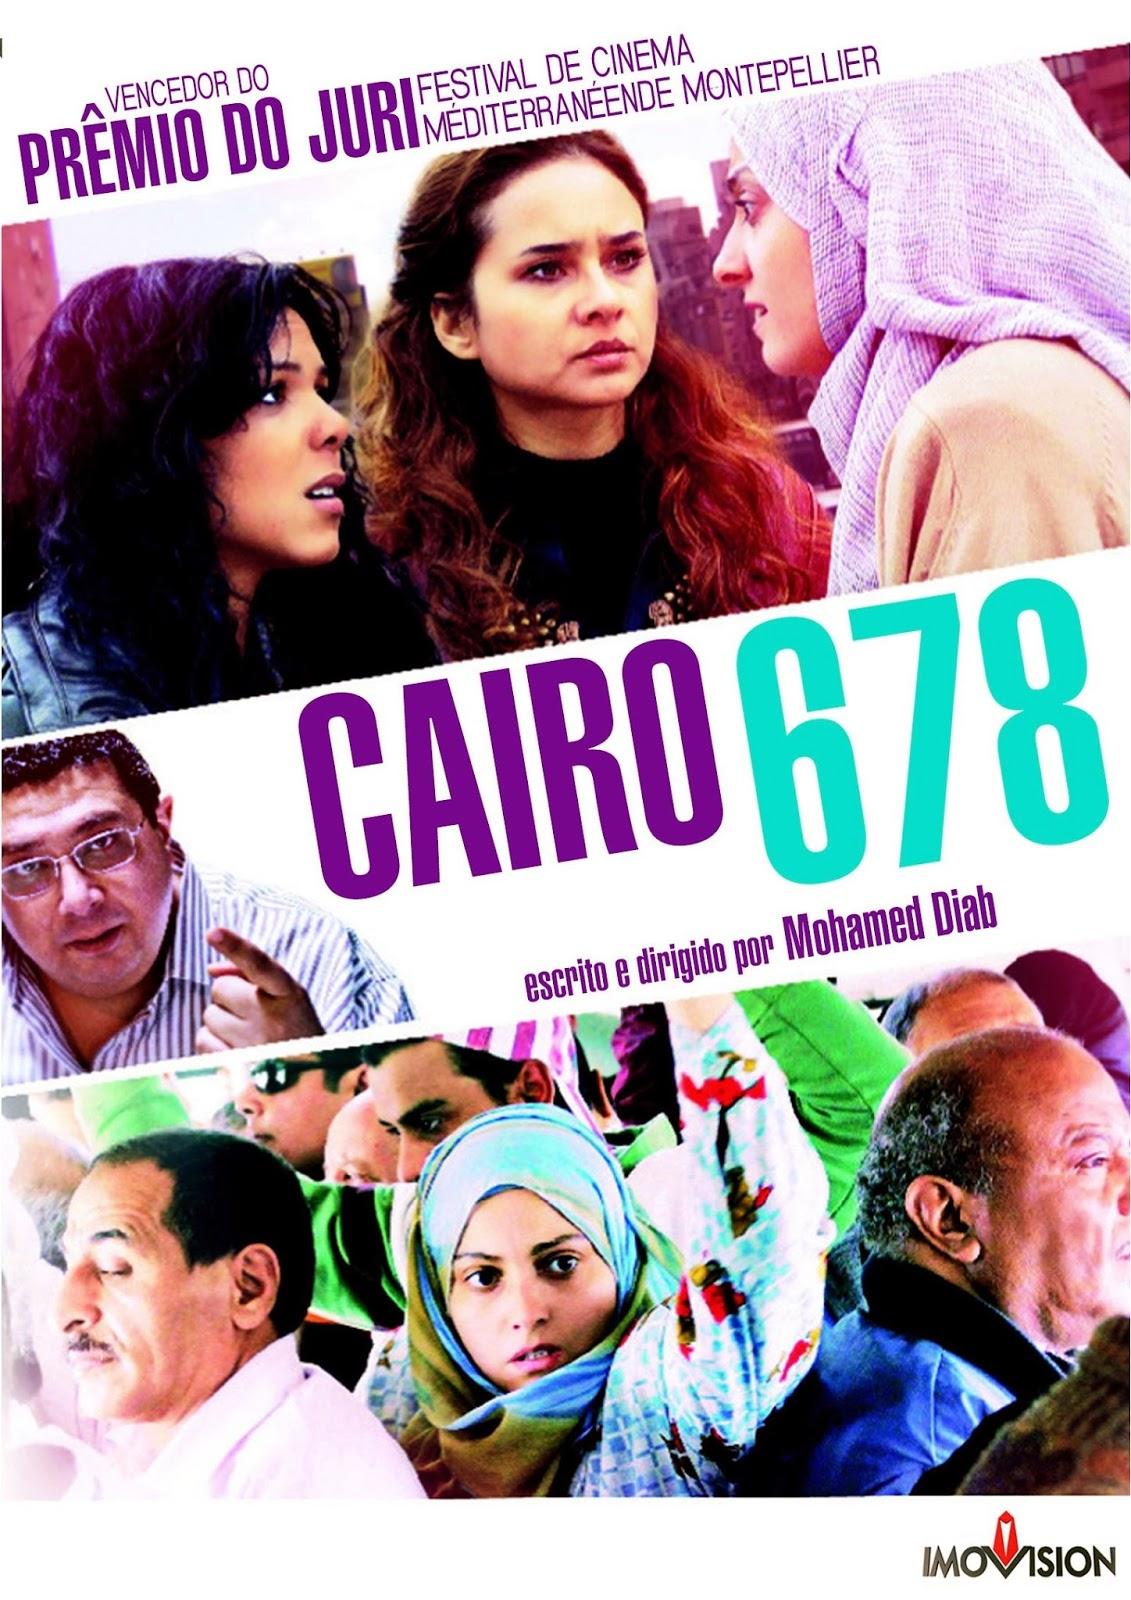 Cairo 678 – Legendado (2010)